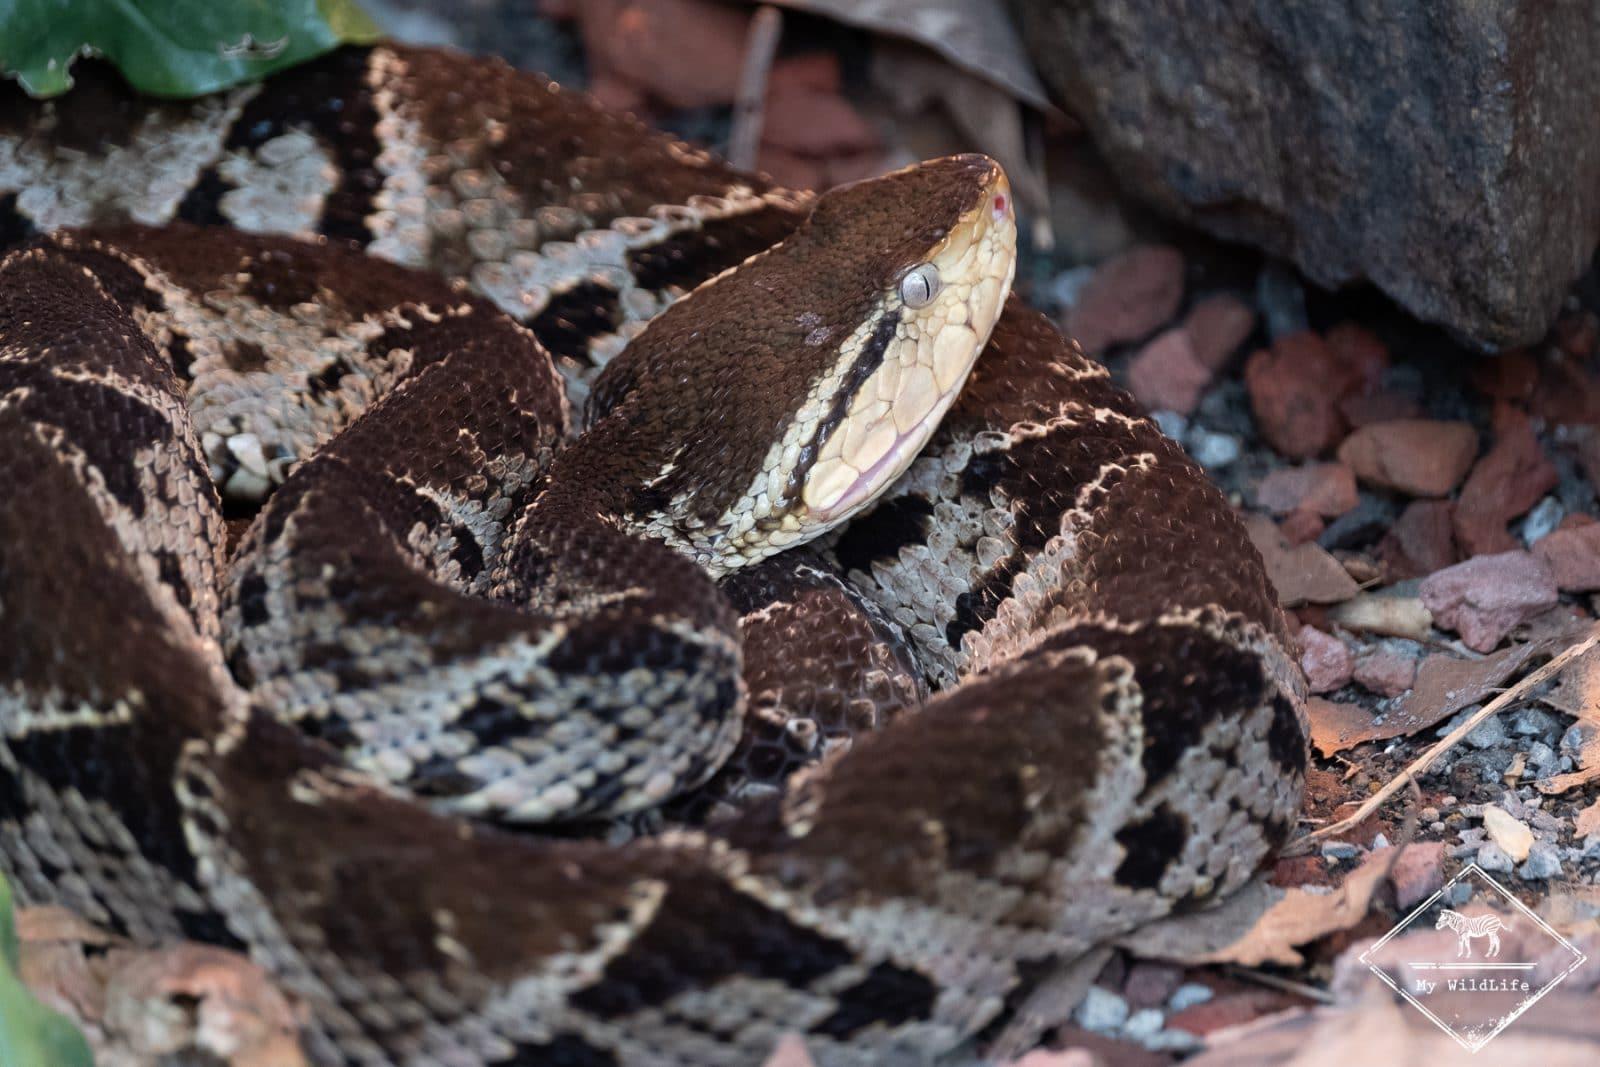 51 animaux reptiles araignées insectes et des animaux marins serpents lézards grenouilles NEUF